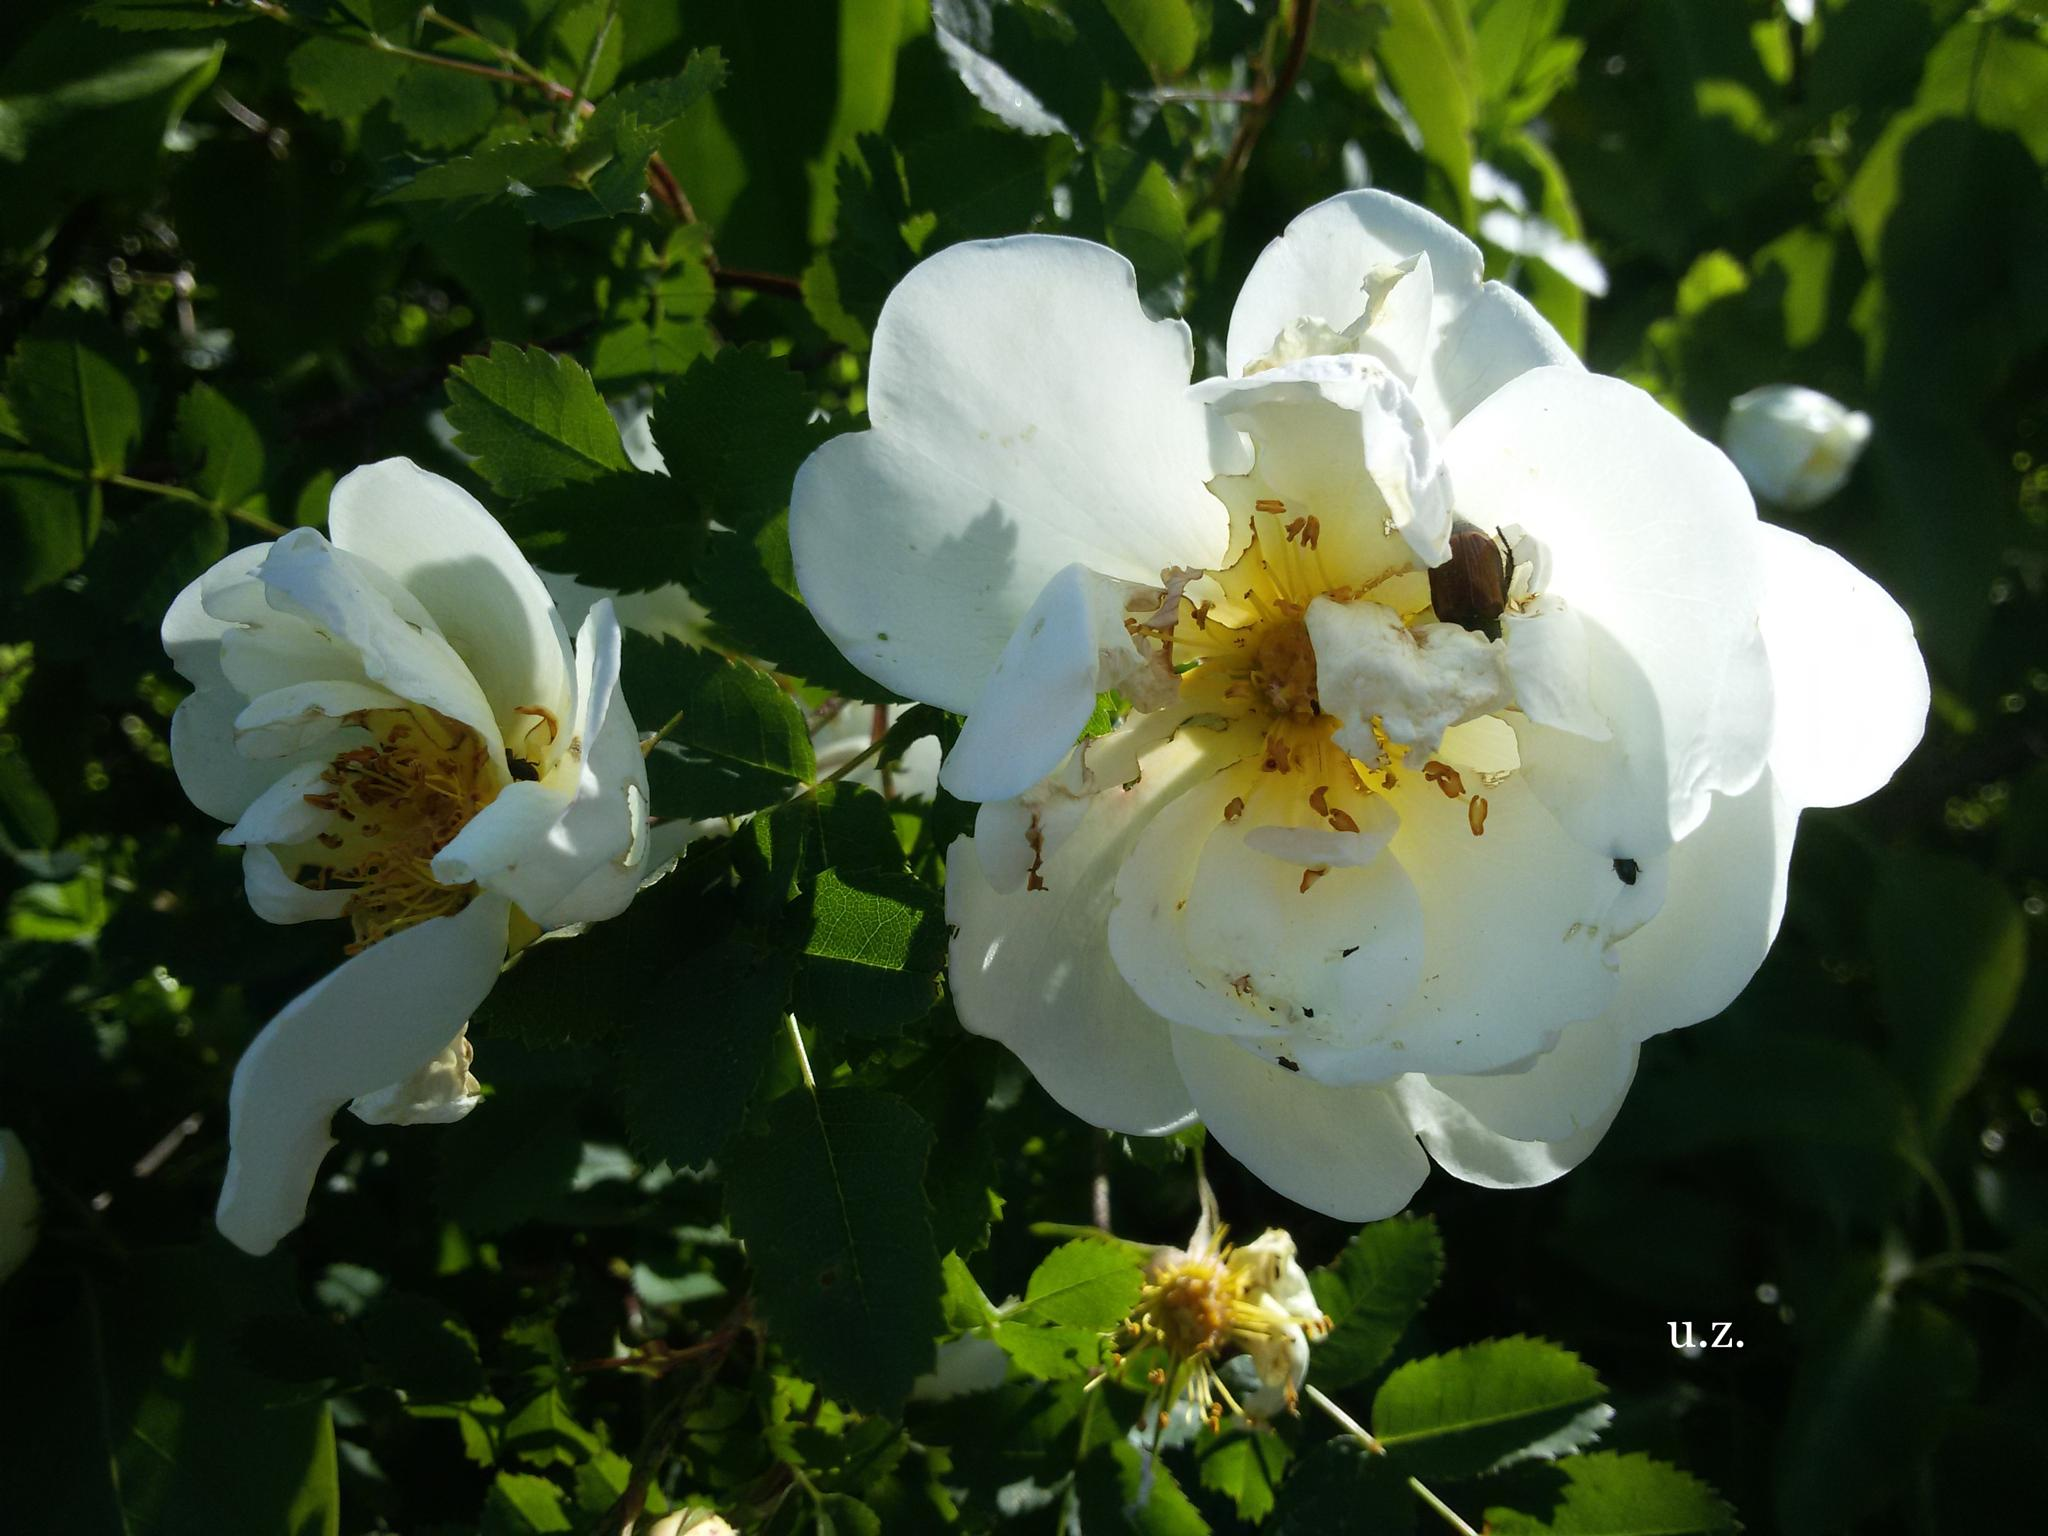 White flowers by Zita Užkuraitienė